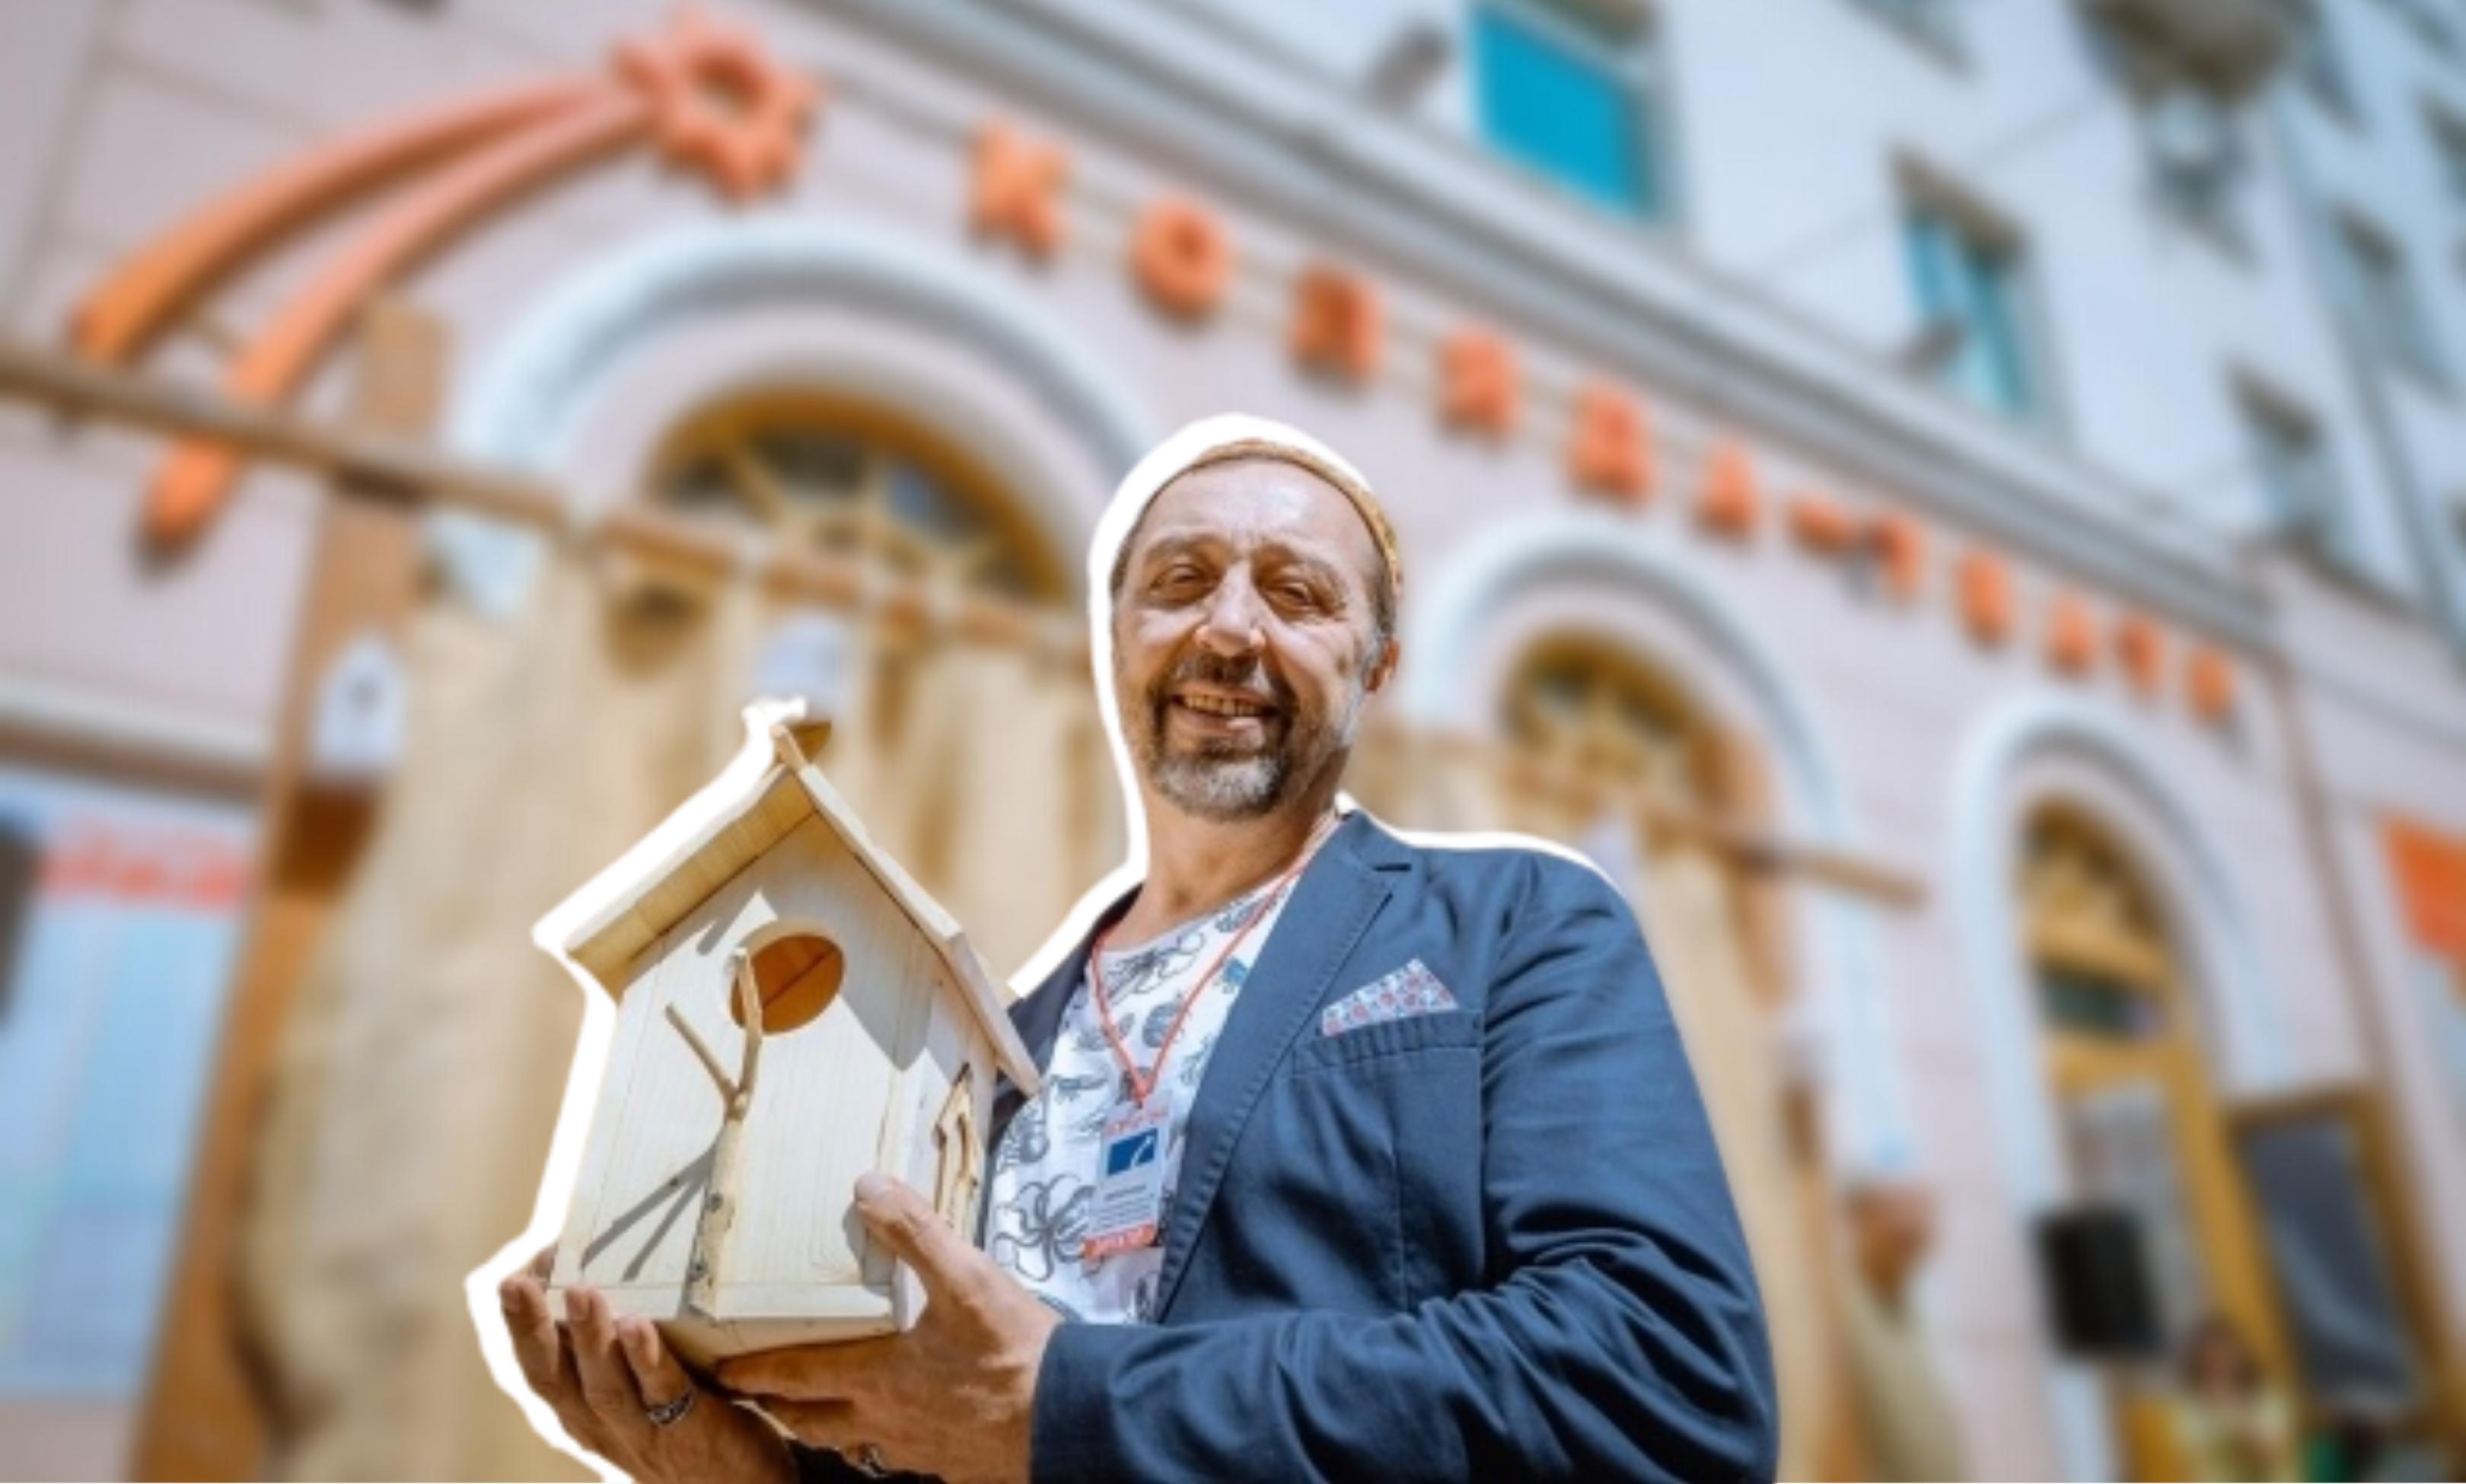 Фестиваль современной драматургии «Коляда-plays»: полная программа спектаклей